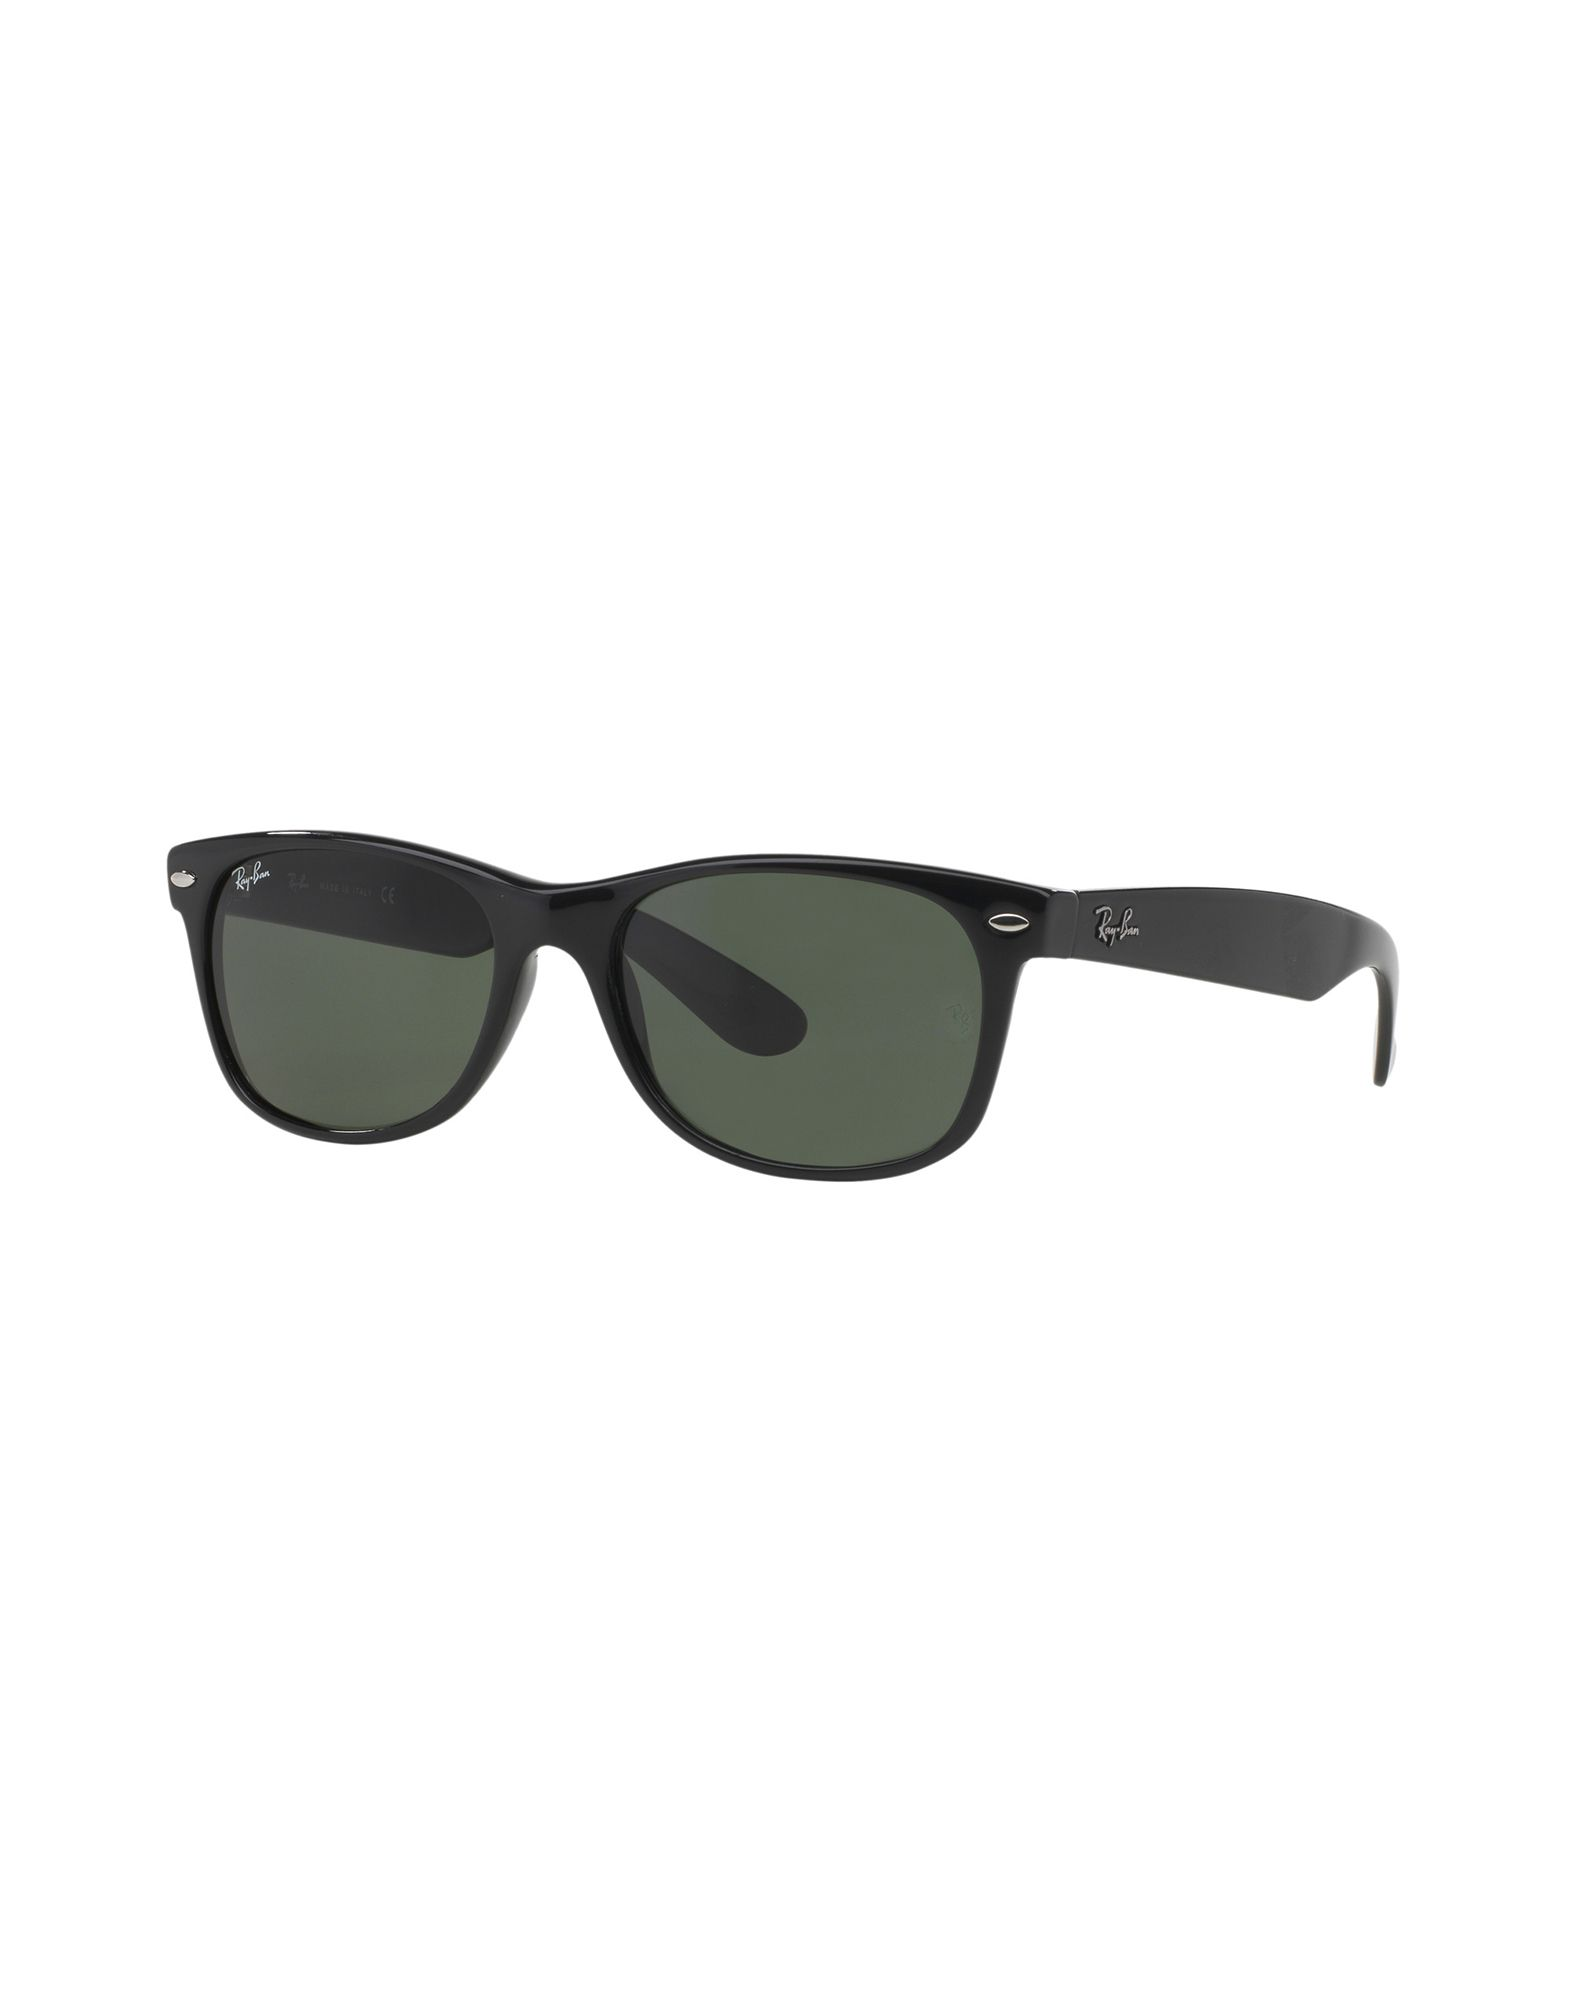 RAY-BAN Unisex Sonnenbrille Farbe Schwarz Größe 1 jetztbilligerkaufen